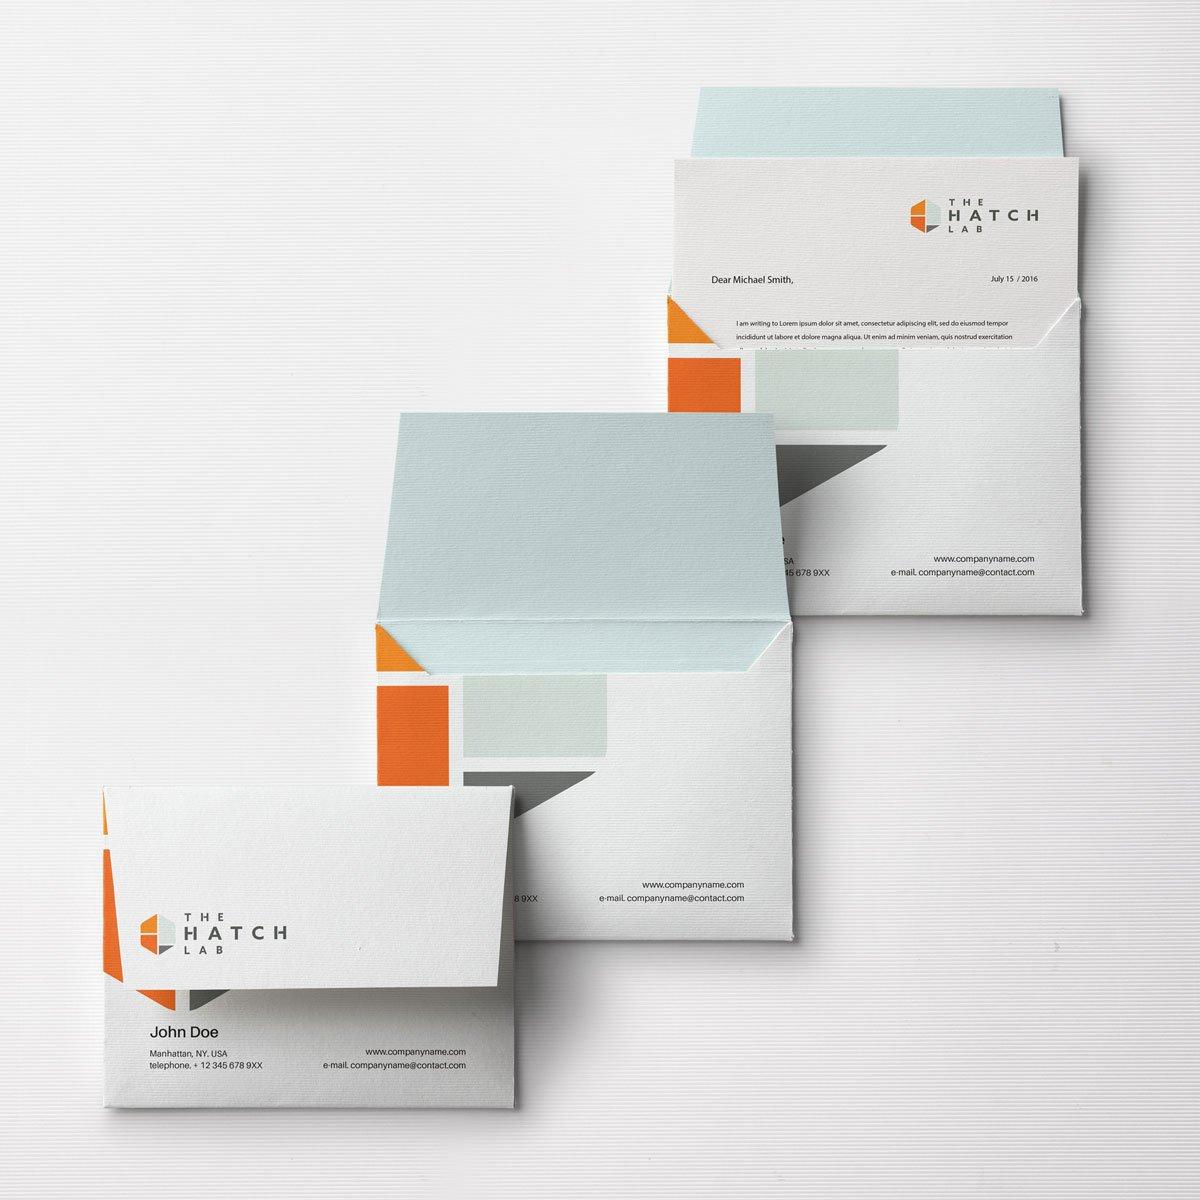 The Hatch Lab Logo design wexford. Graphic design, web design, branding Wexford.